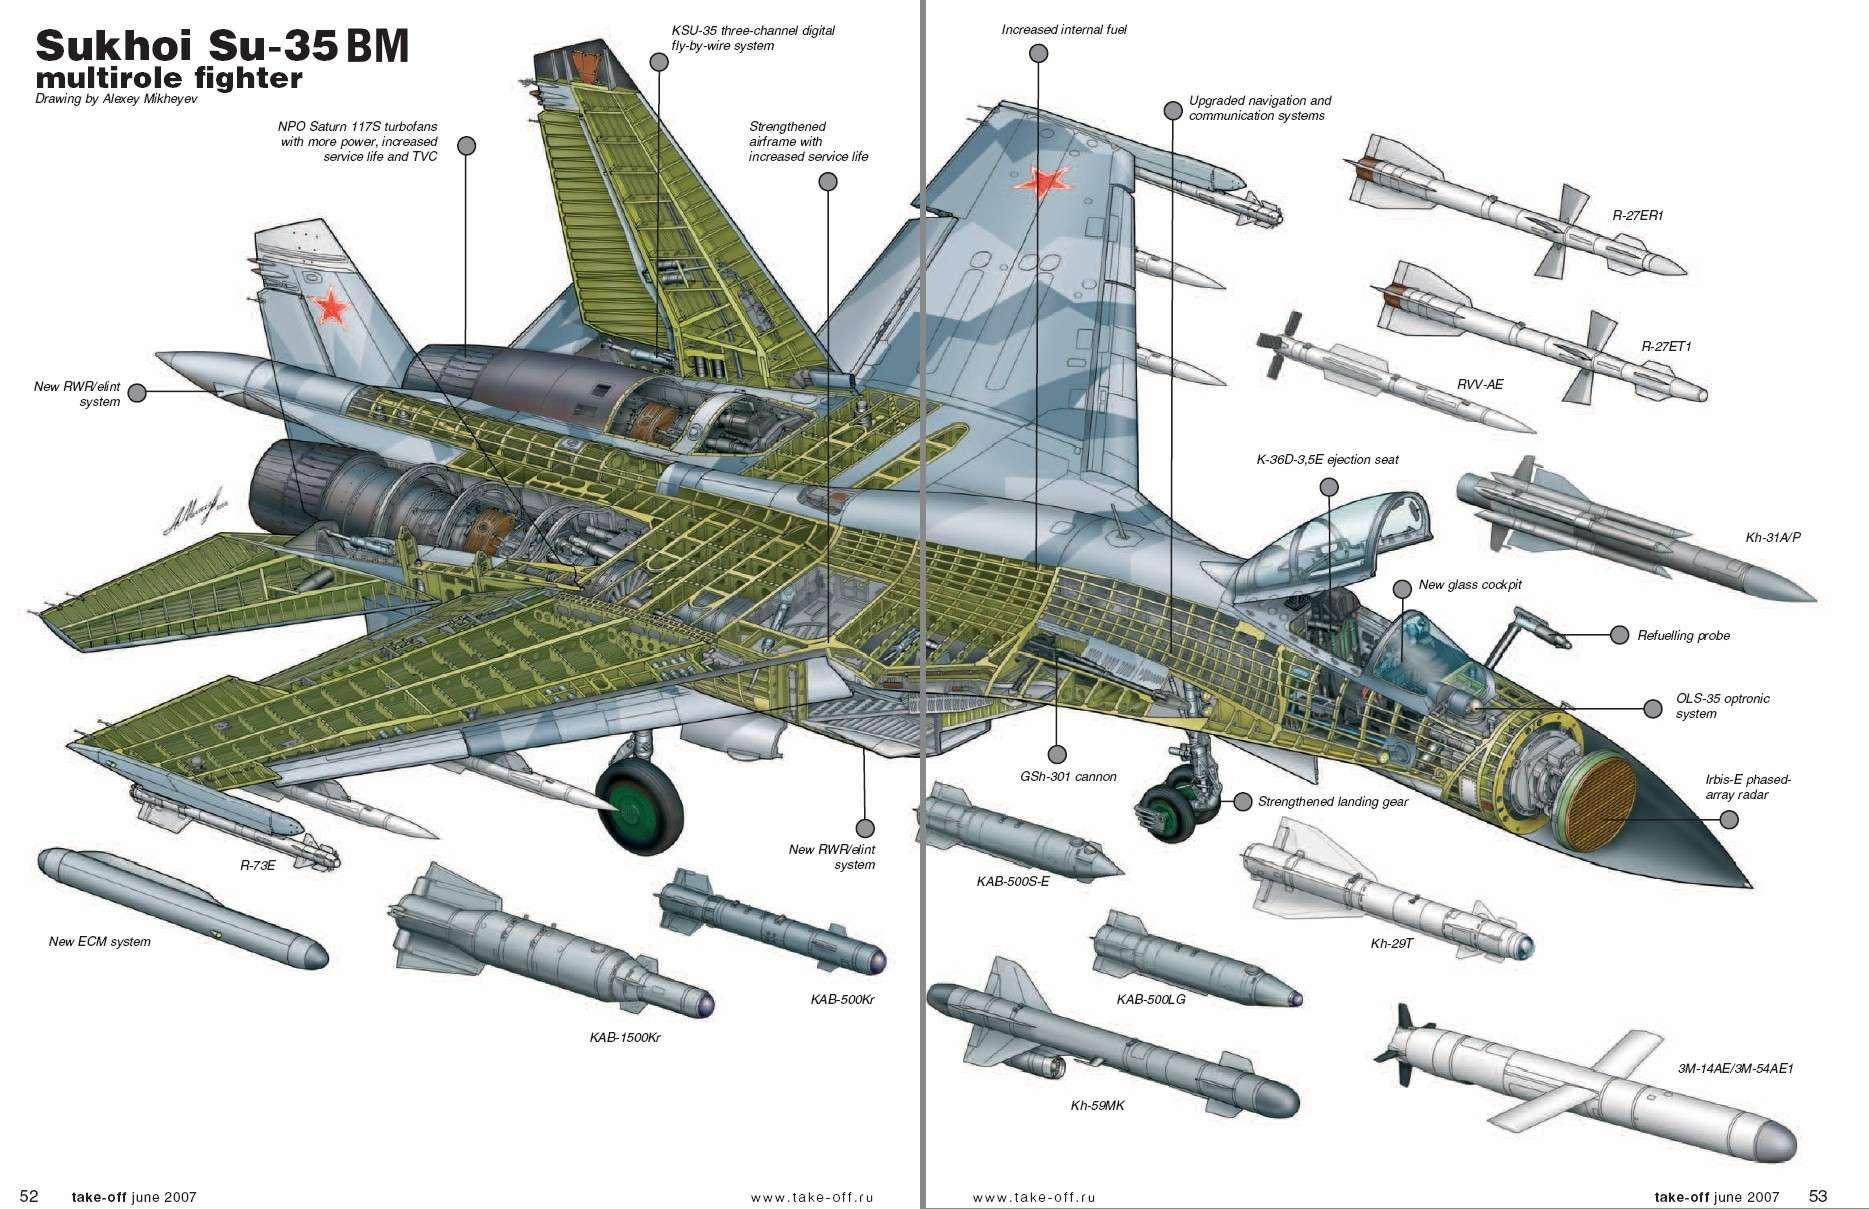 Chasseur Su-35BM  - Page 2 Su35bm10